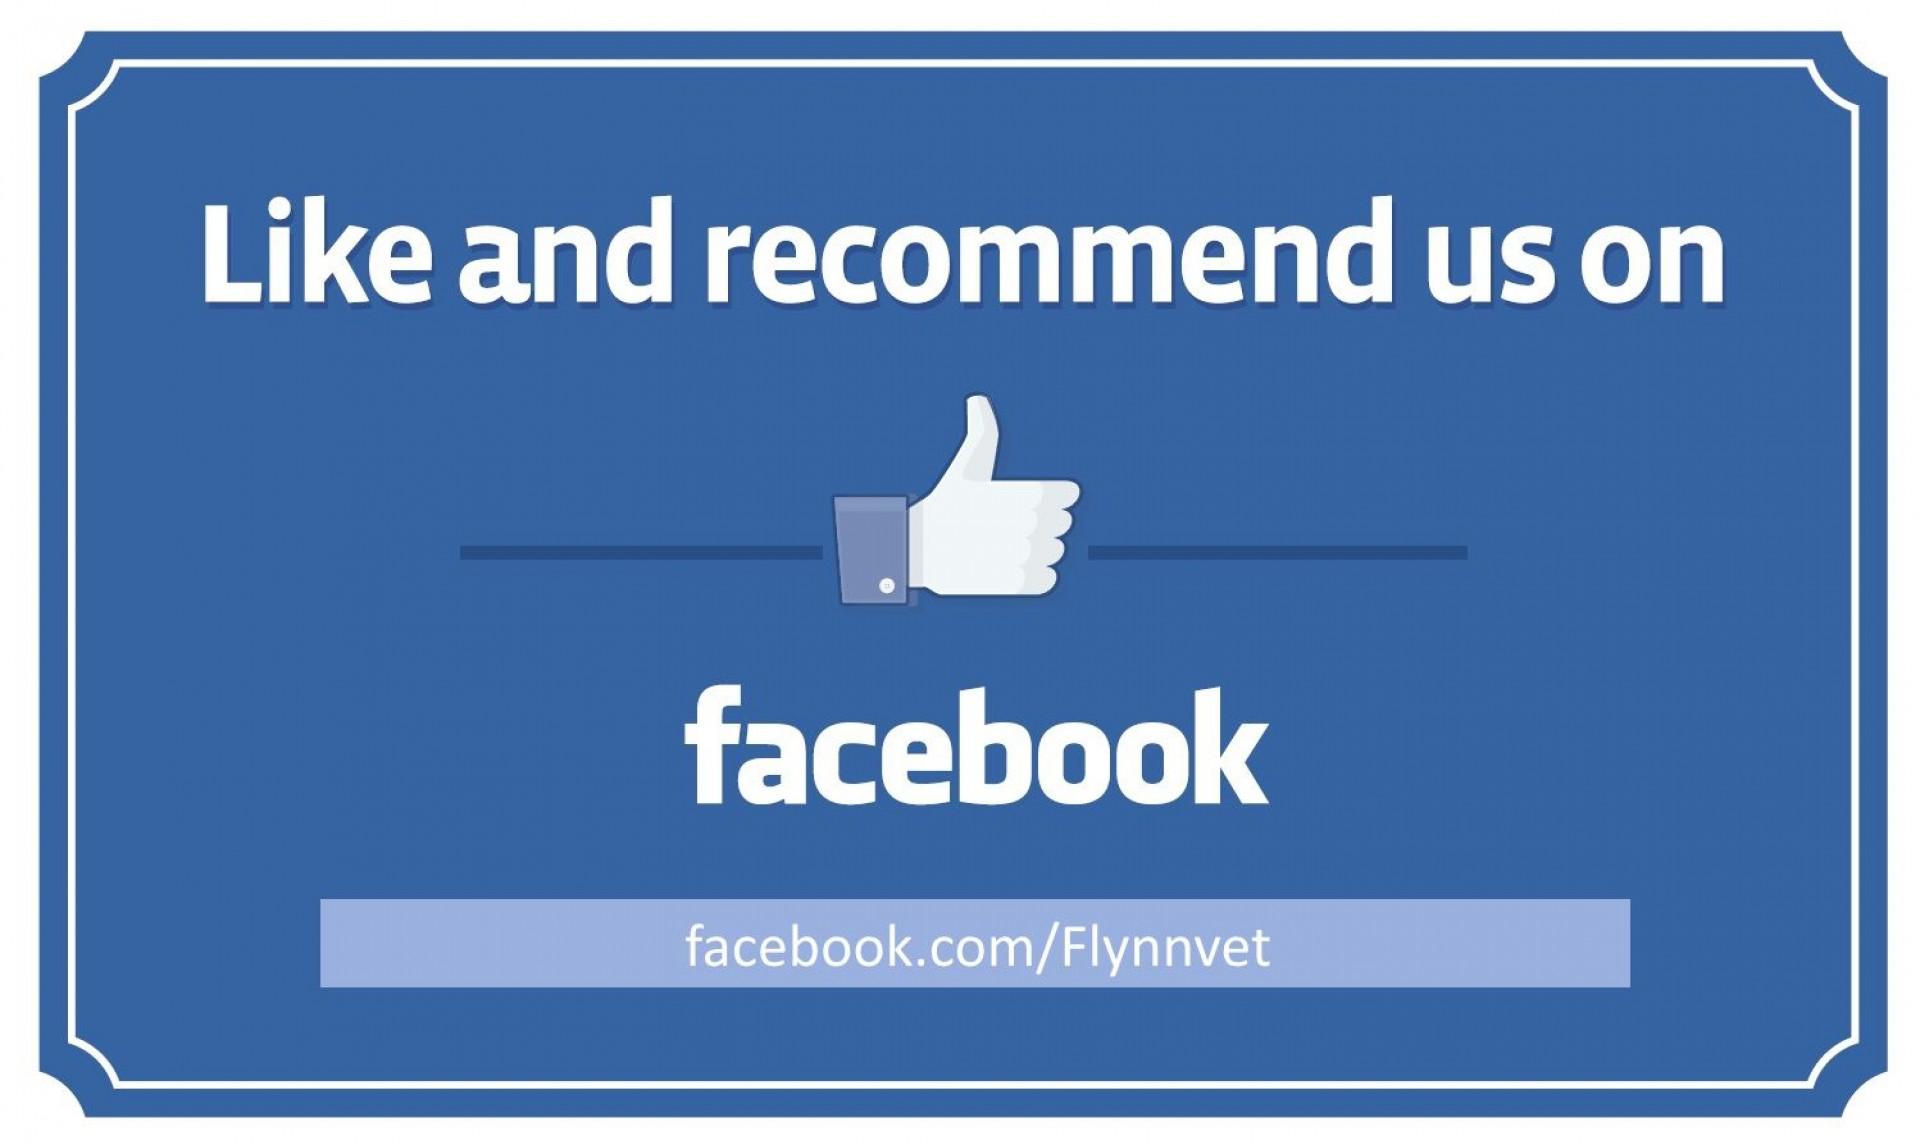 008 Impressive Like U On Facebook Template Design  Free Flyer Email Find Poster1920